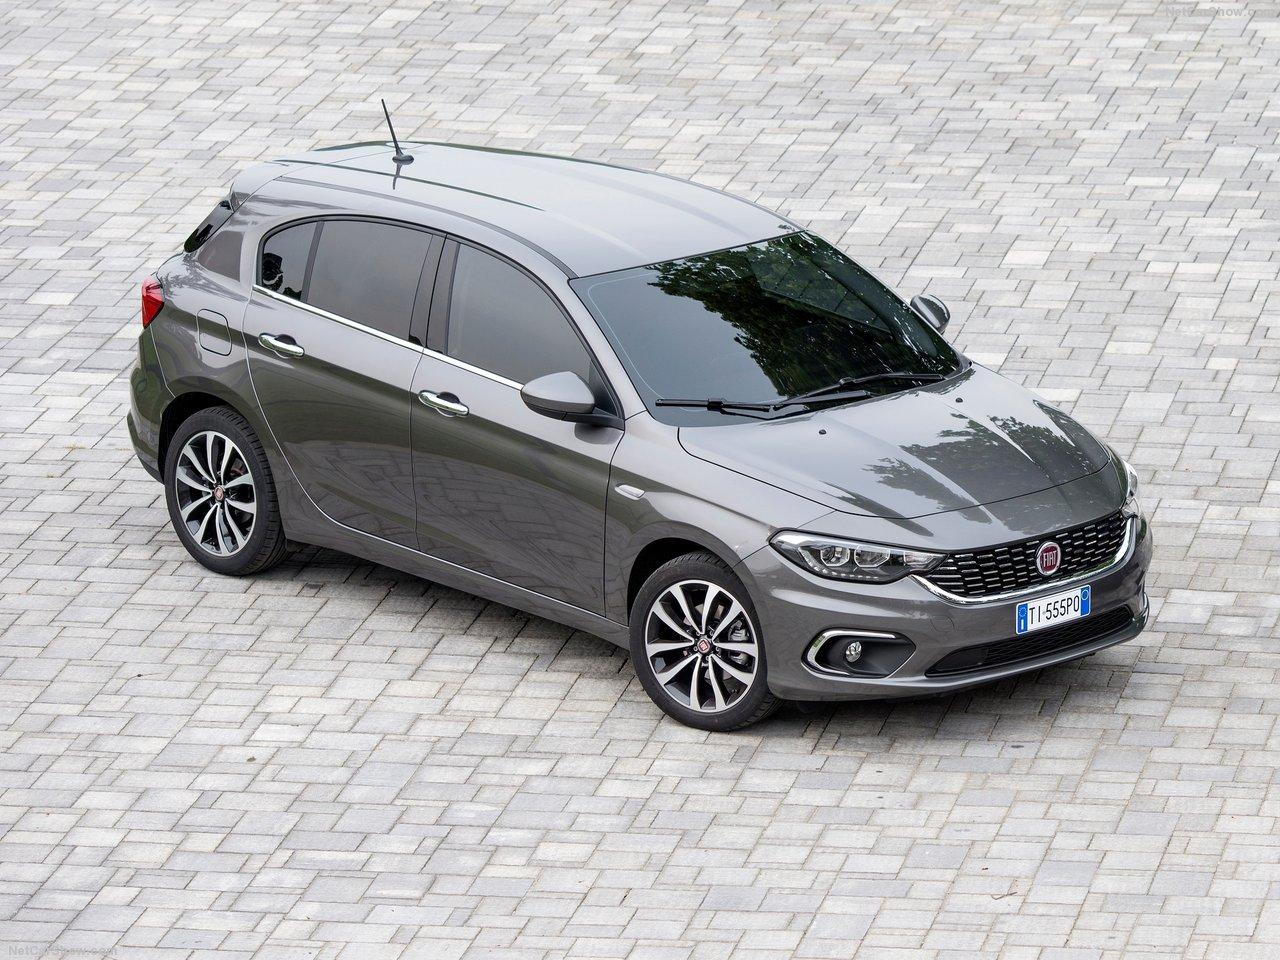 Fiat-Tipo_5-door-2017-1280-01